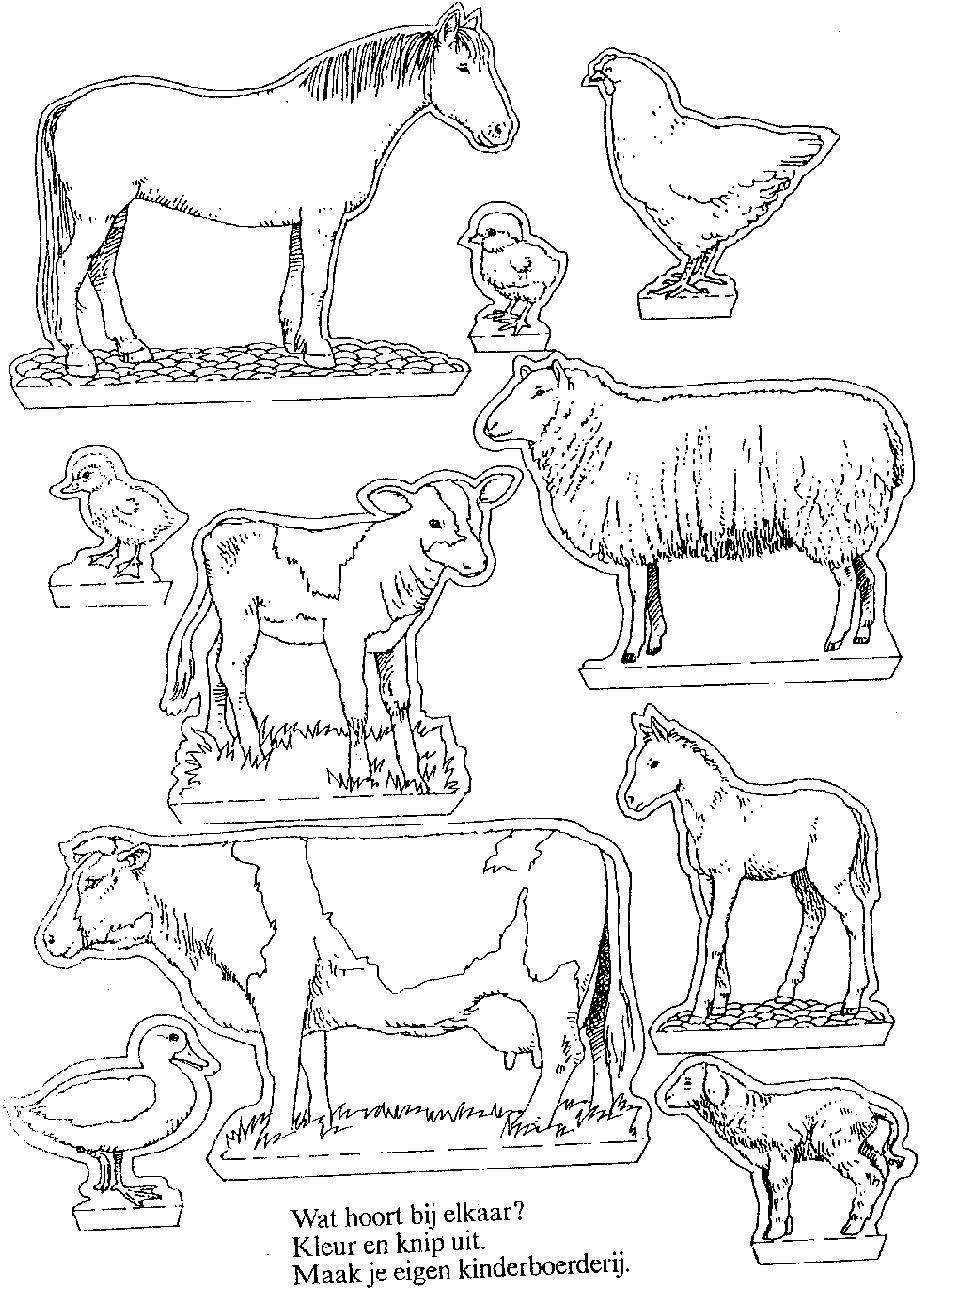 Kleurplaten Kijkdoos Paarden.Maak Een Mooie Kijkdoos Met Boerderij Dieren